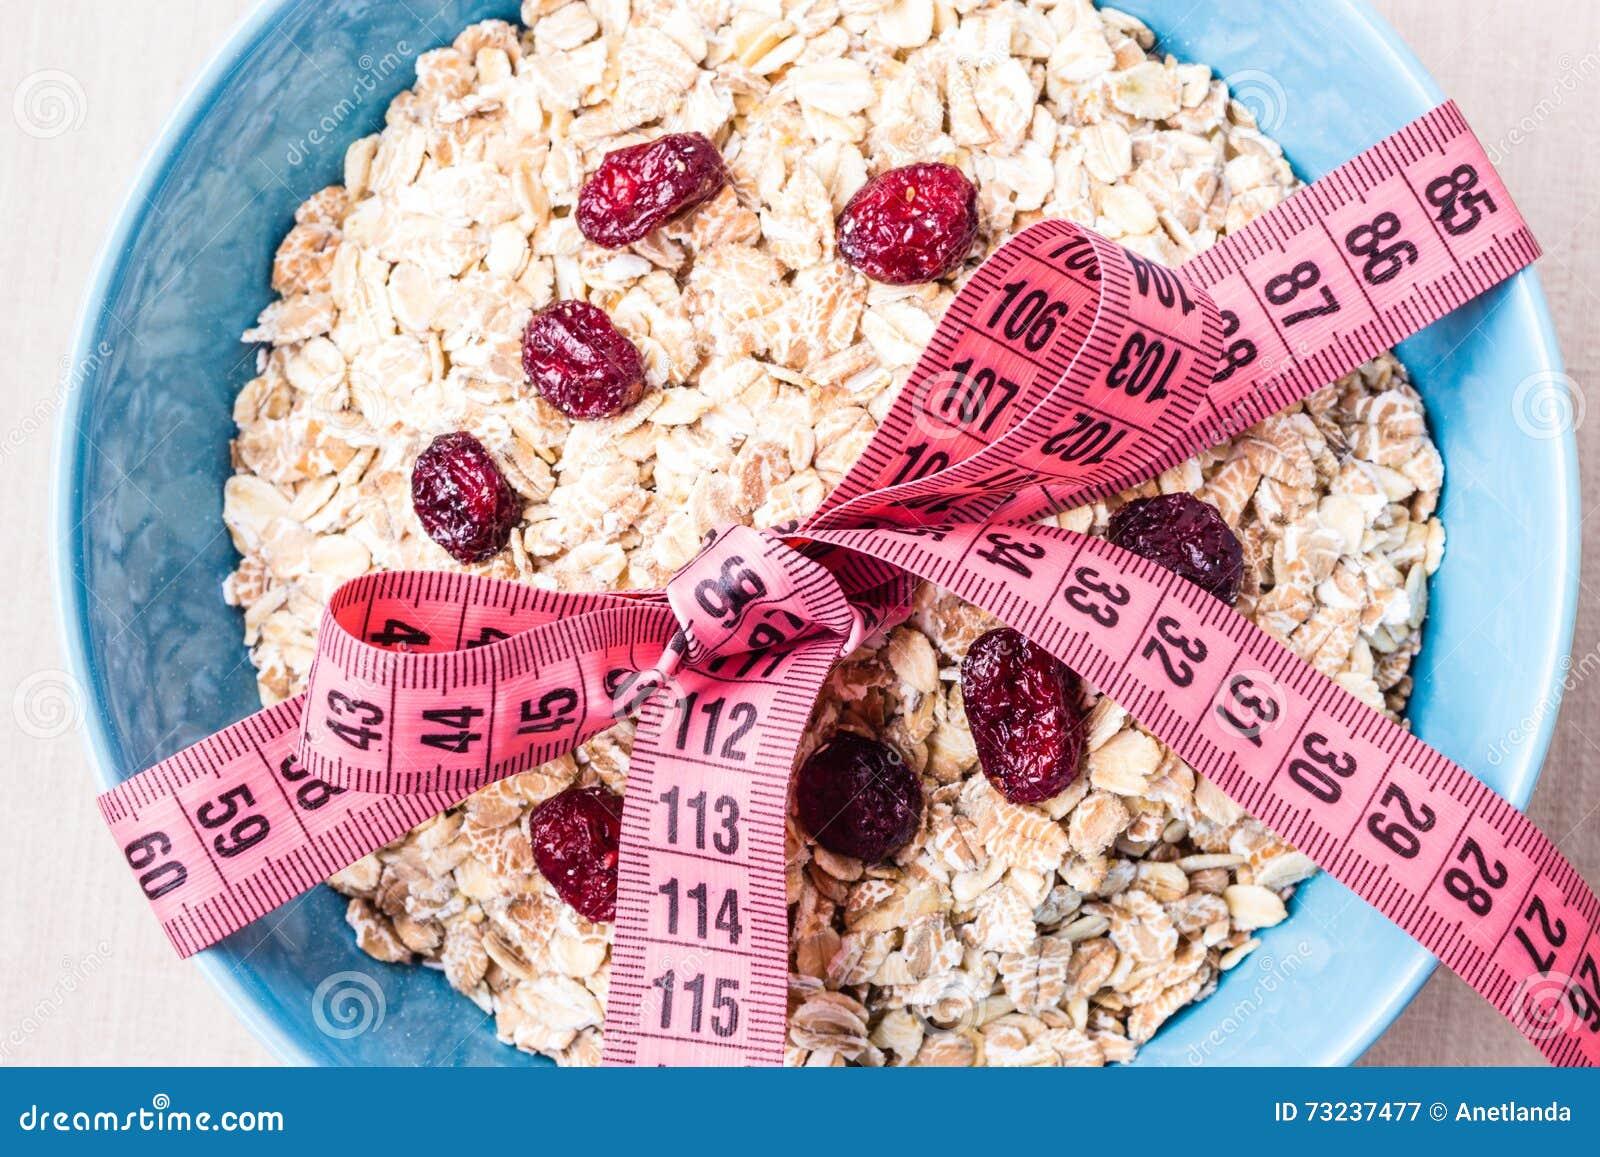 perdita di peso di farina davena